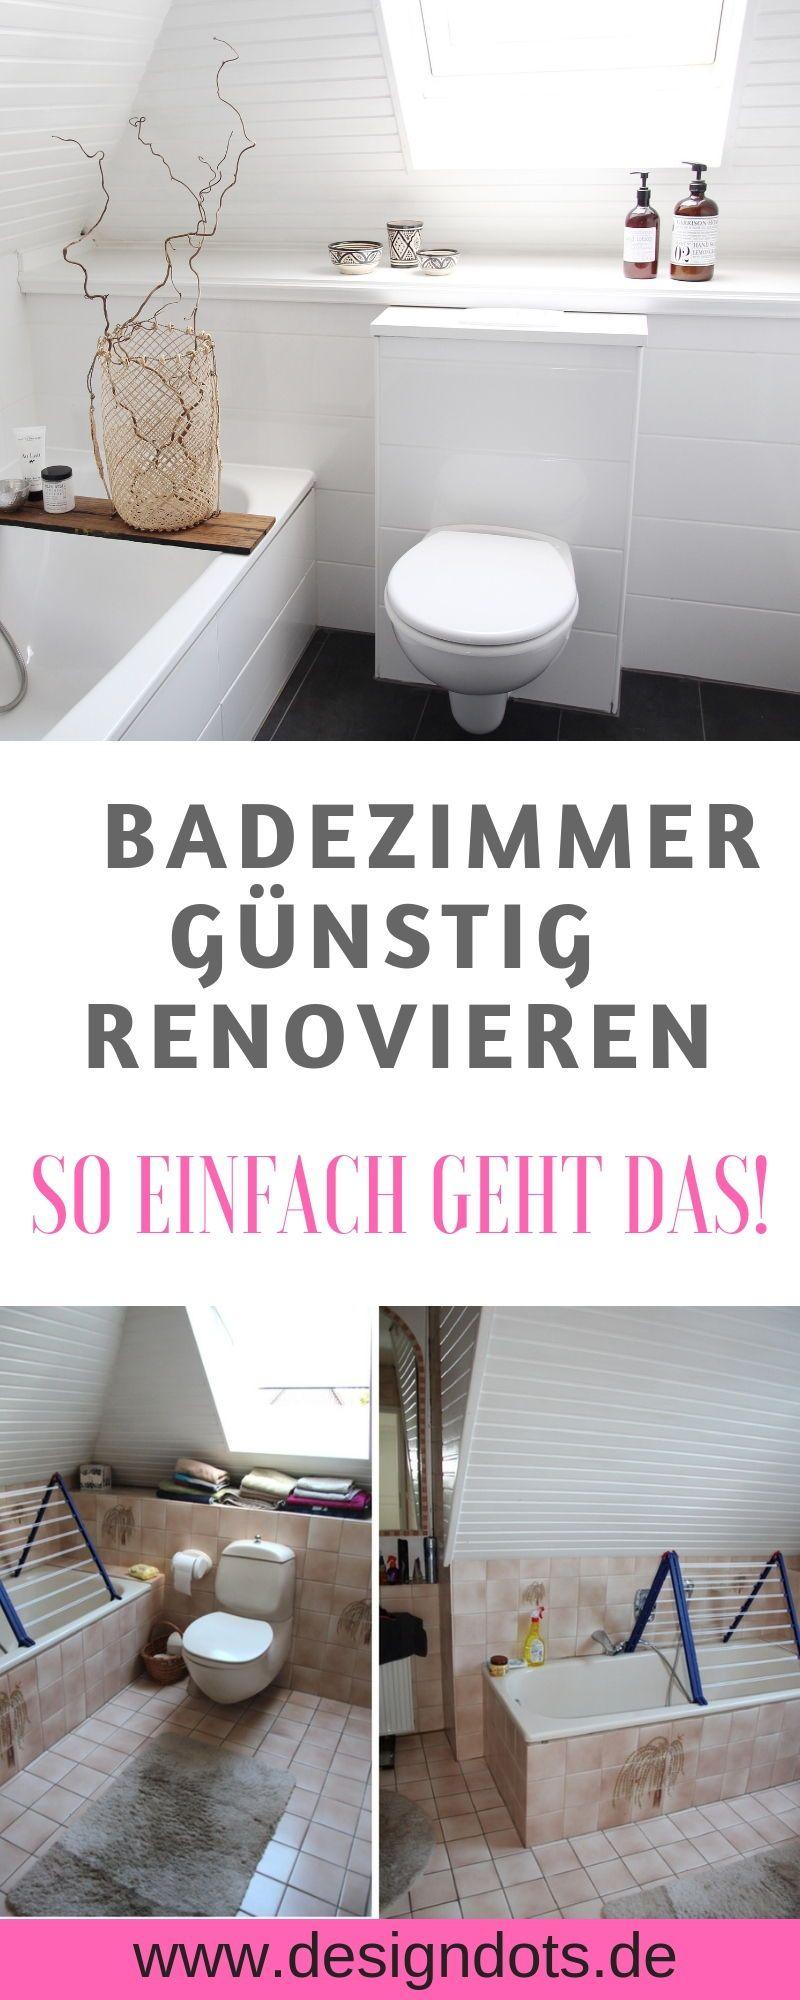 Badezimmer Selbst Renovieren Badezimmer Renovieren Bad Renovieren Kleines Bad Renovieren